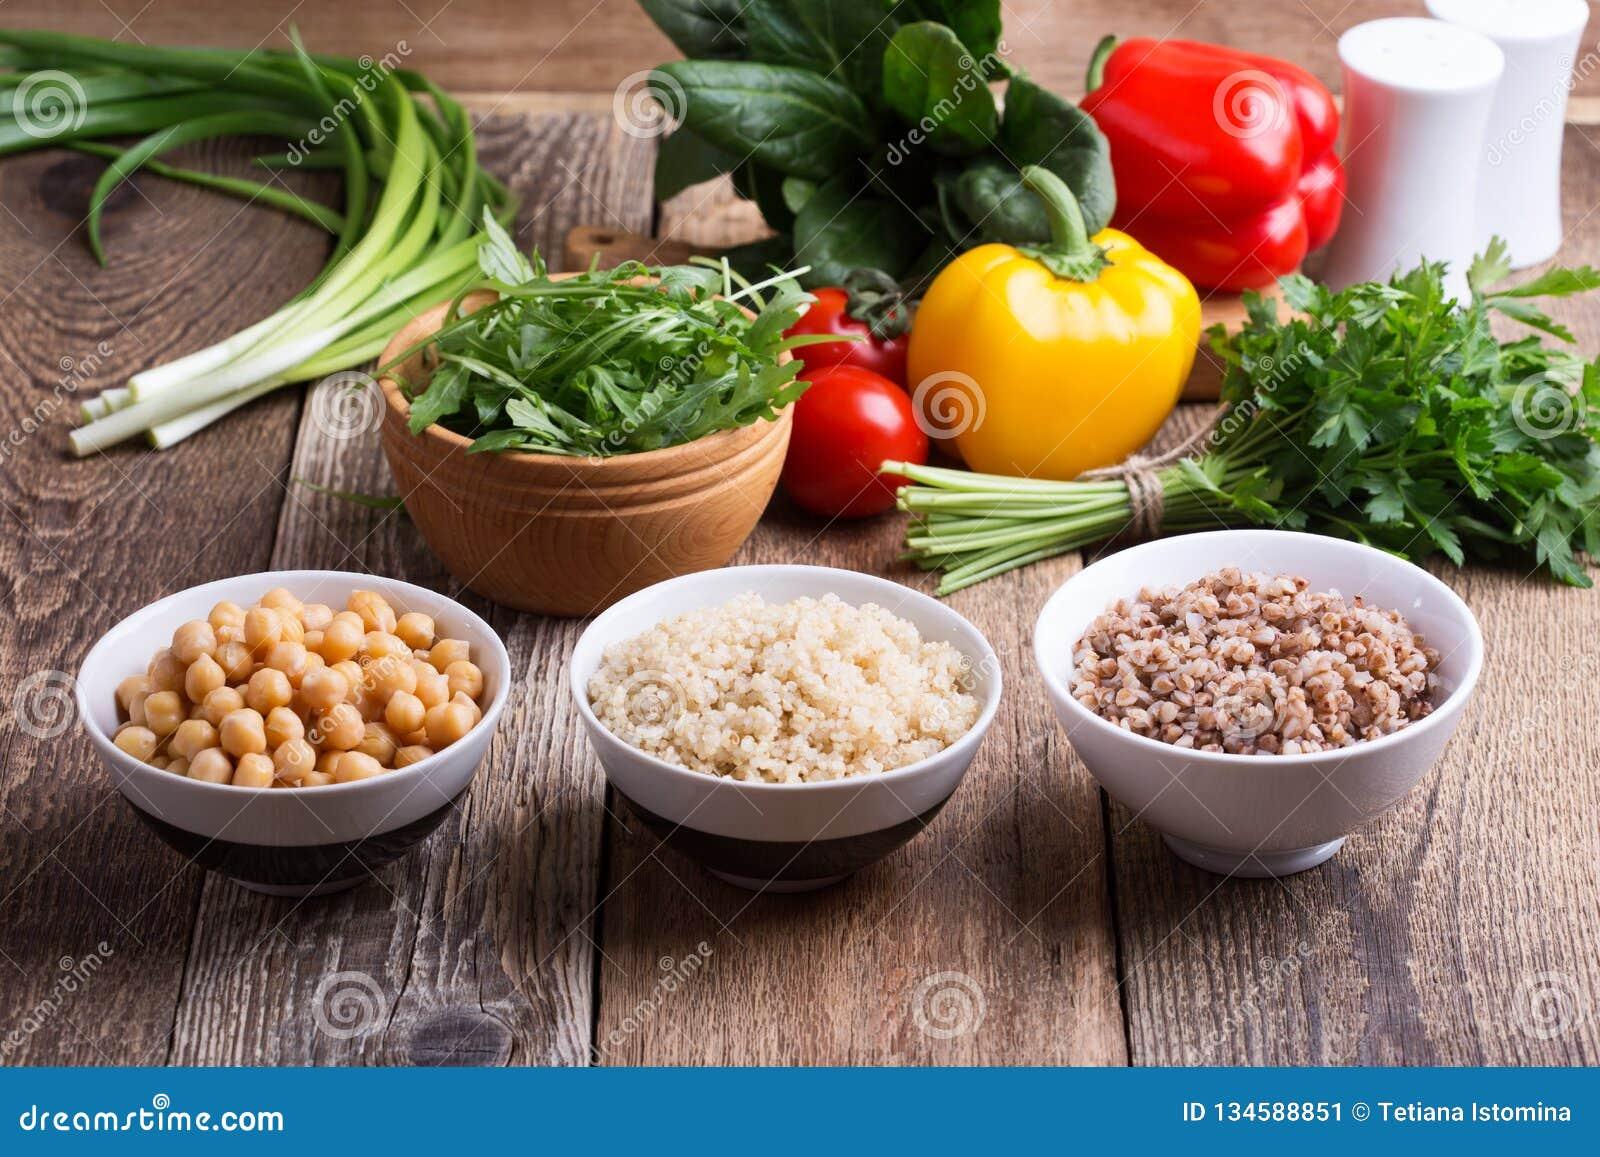 Wybór świezi warzywa, zboże, adra i legume gotujący,